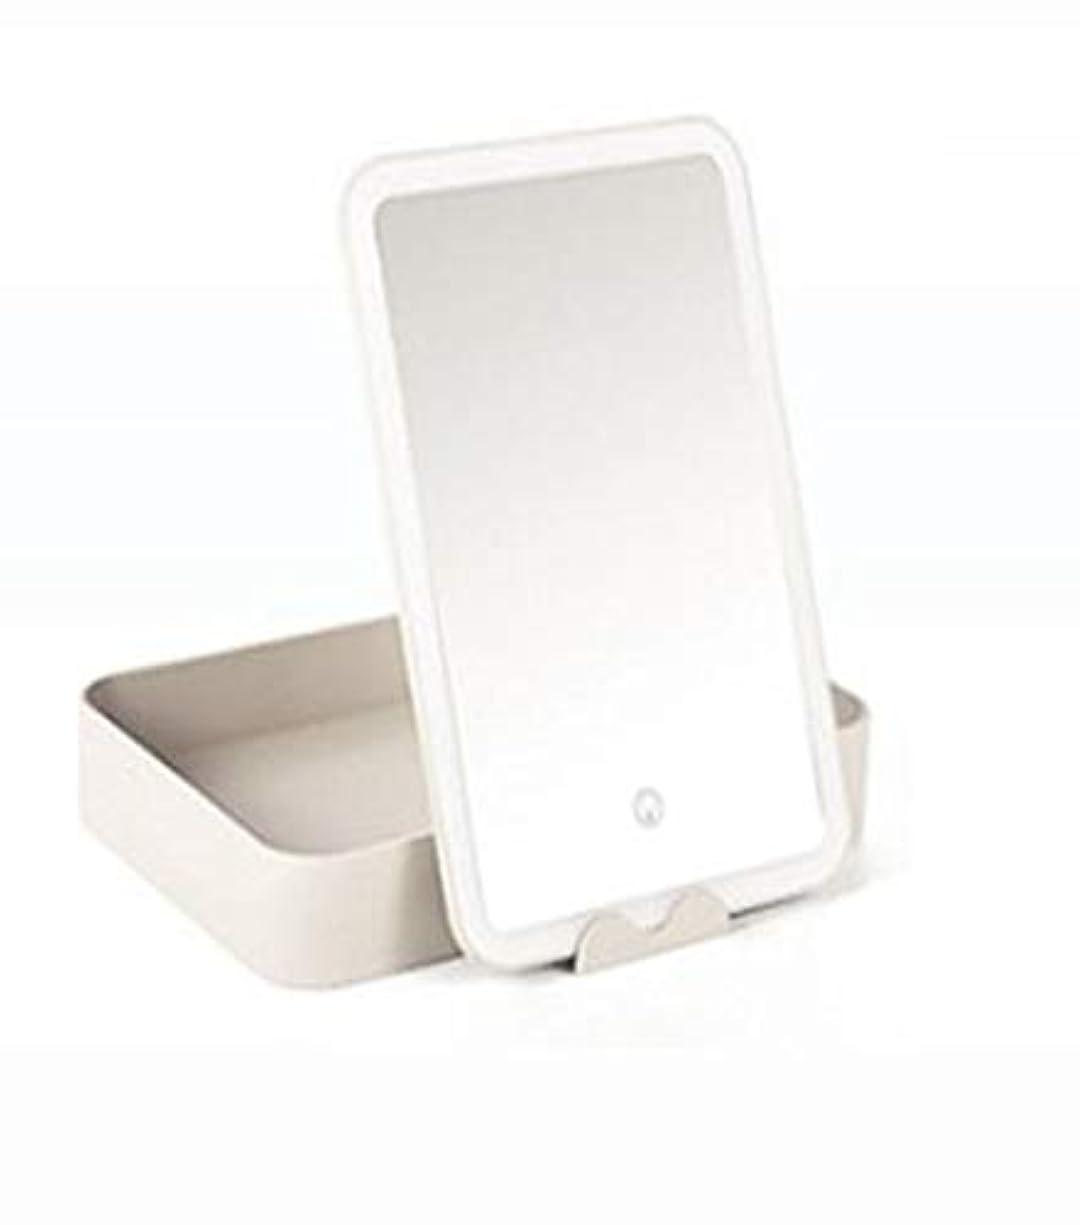 コミュニケーションクライマックス相手化粧鏡、大容量収納ボックス化粧ギフト付き白色LEDライト化粧鏡